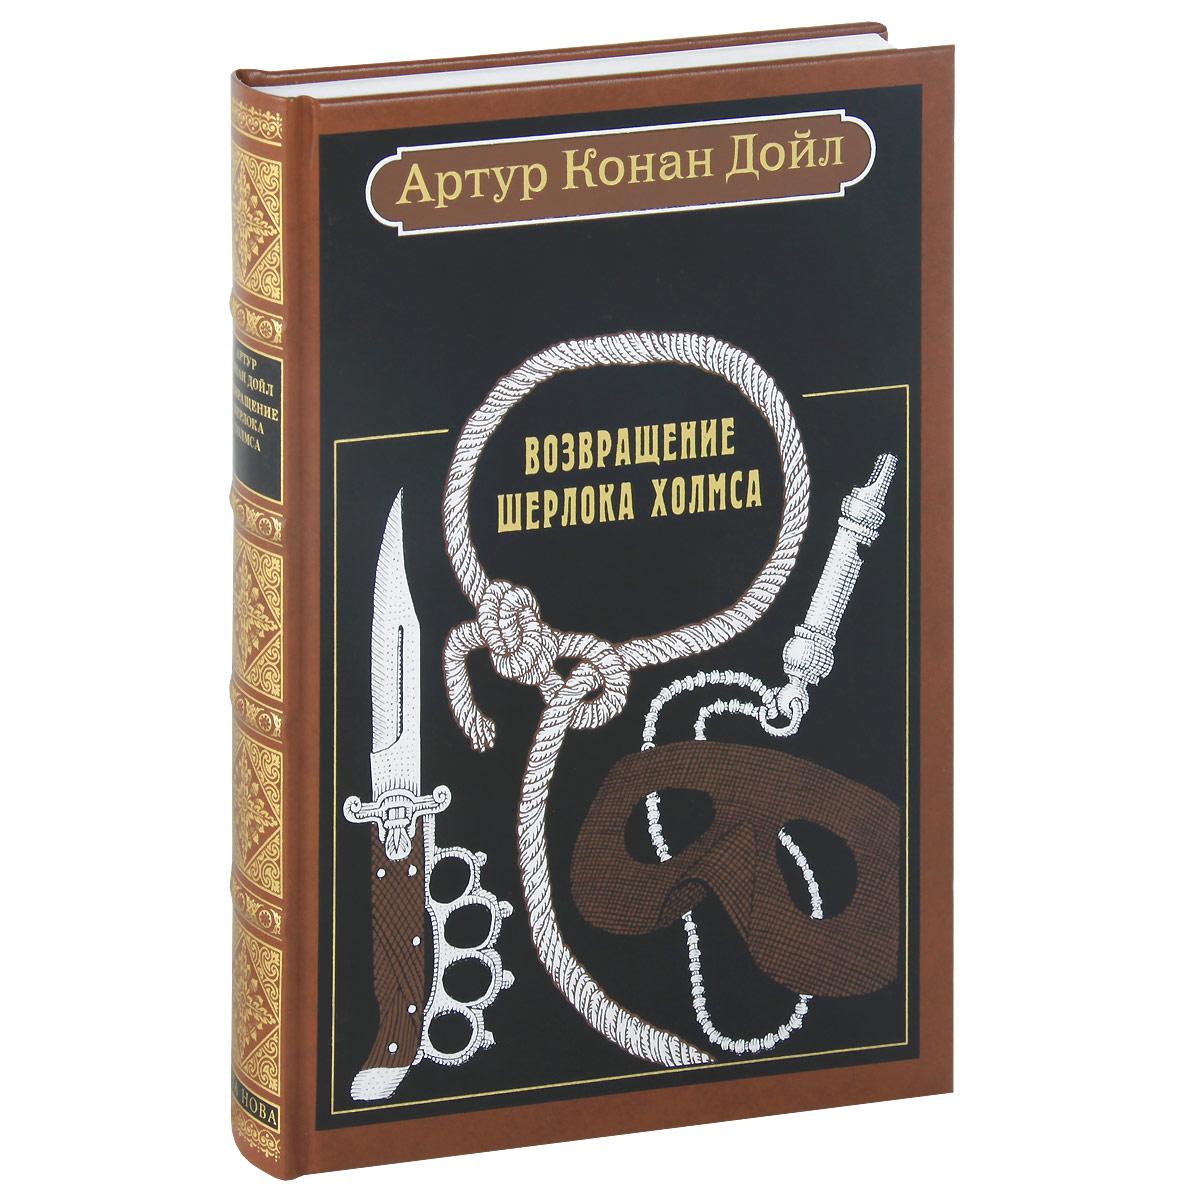 Артур Конан Дойл Возвращение Шерлока Холмса (подарочное издание) артур конан дойл возвращение шерлока холмса книга для чтения на английском языке